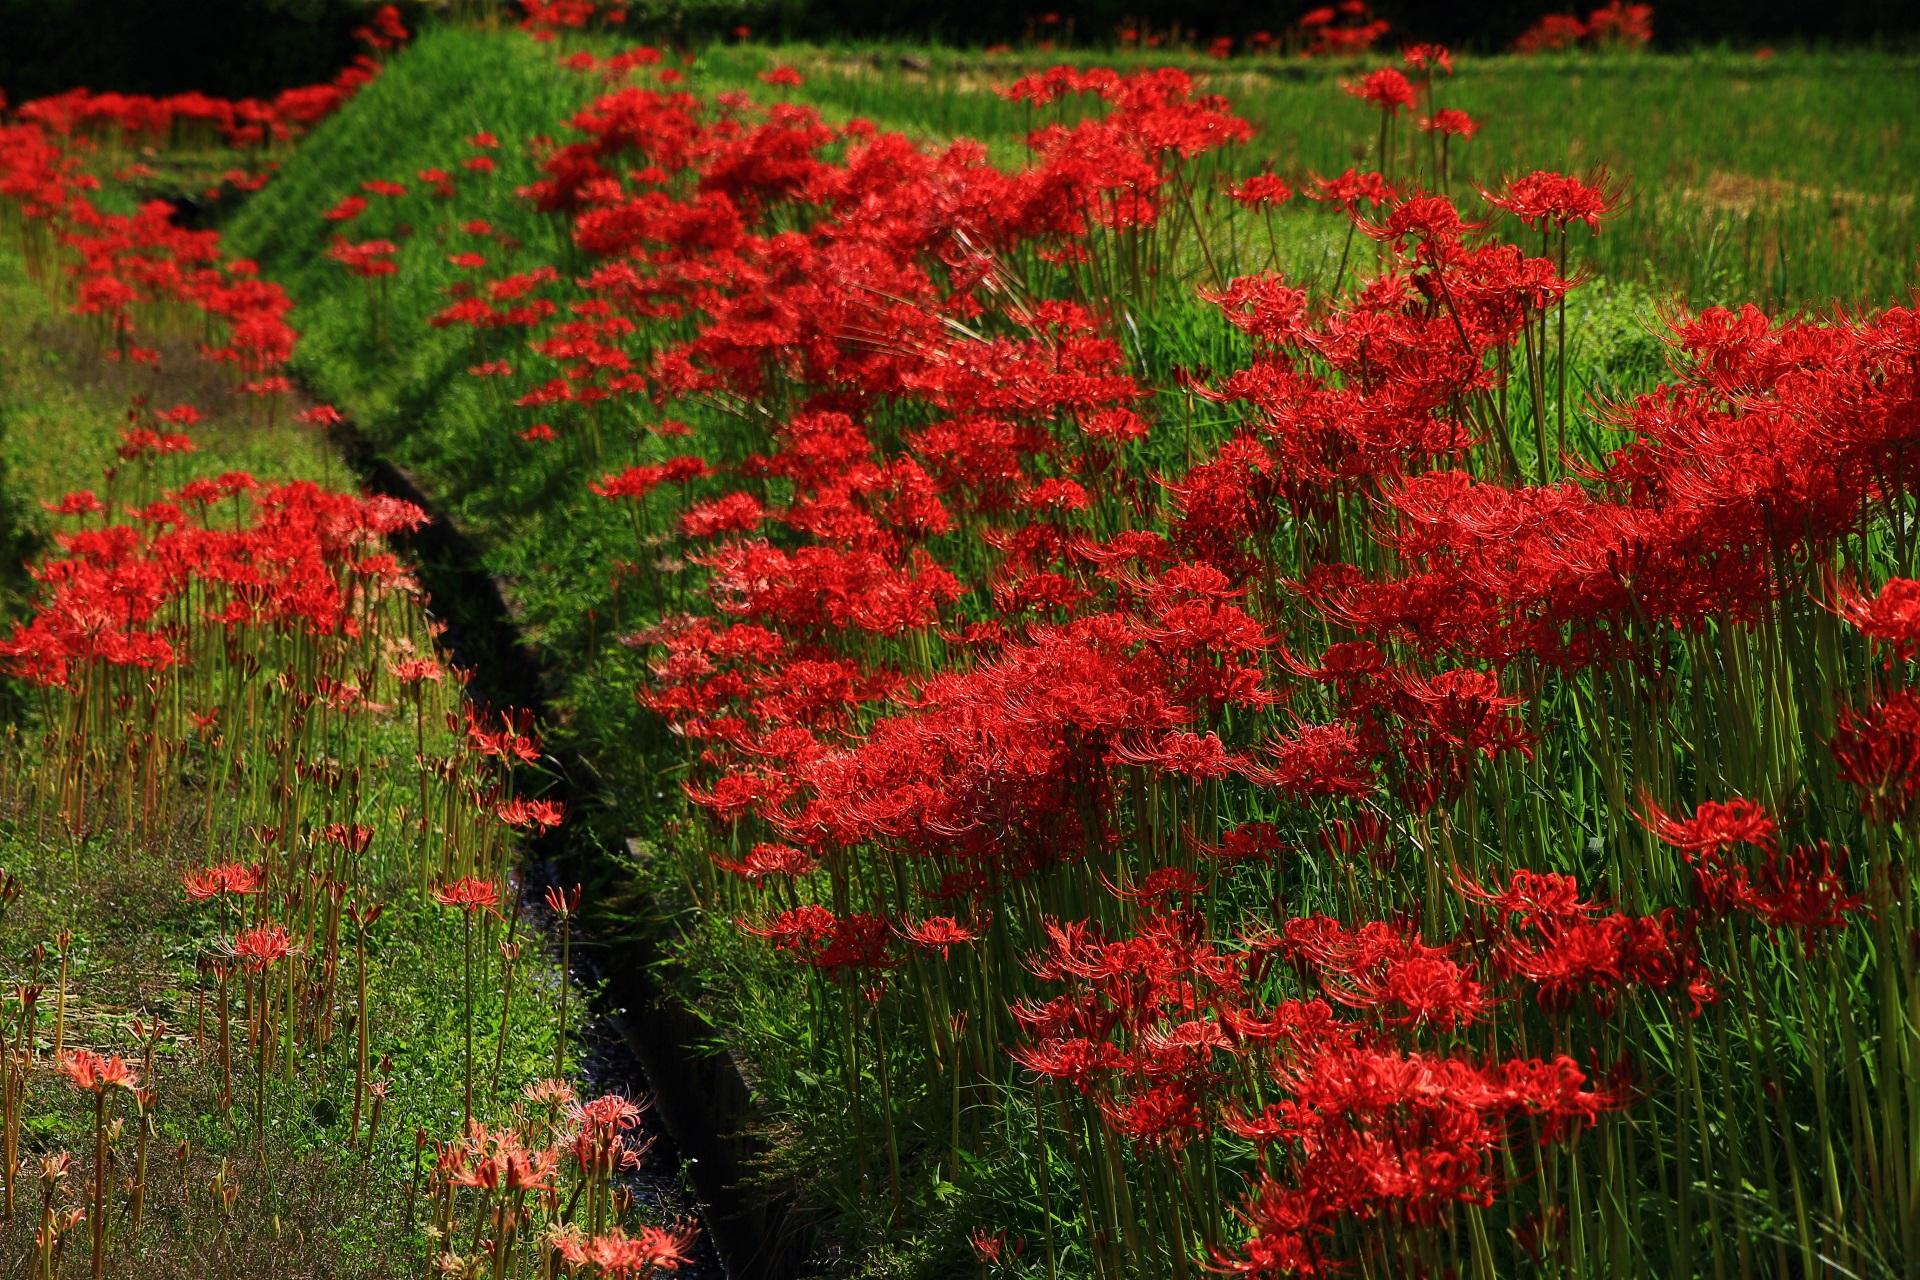 嵯峨野 彼岸花 長閑な田園風景を彩る鮮やかな赤